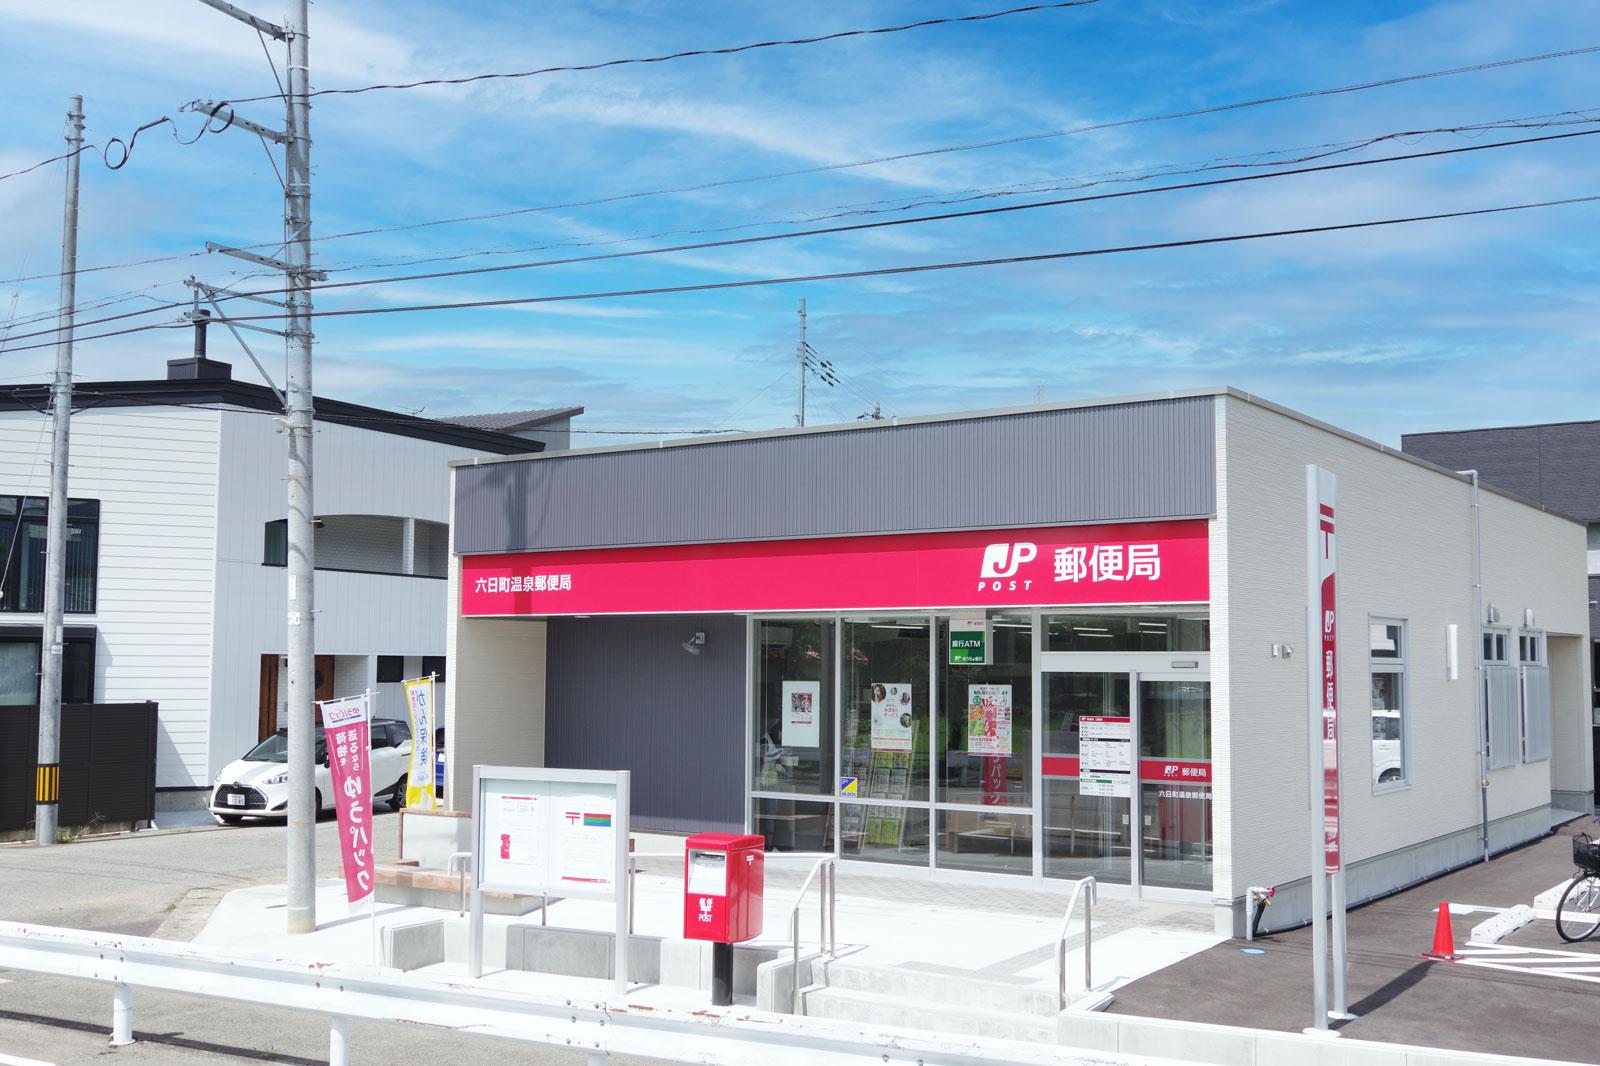 六日町温泉郵便局-外観写真